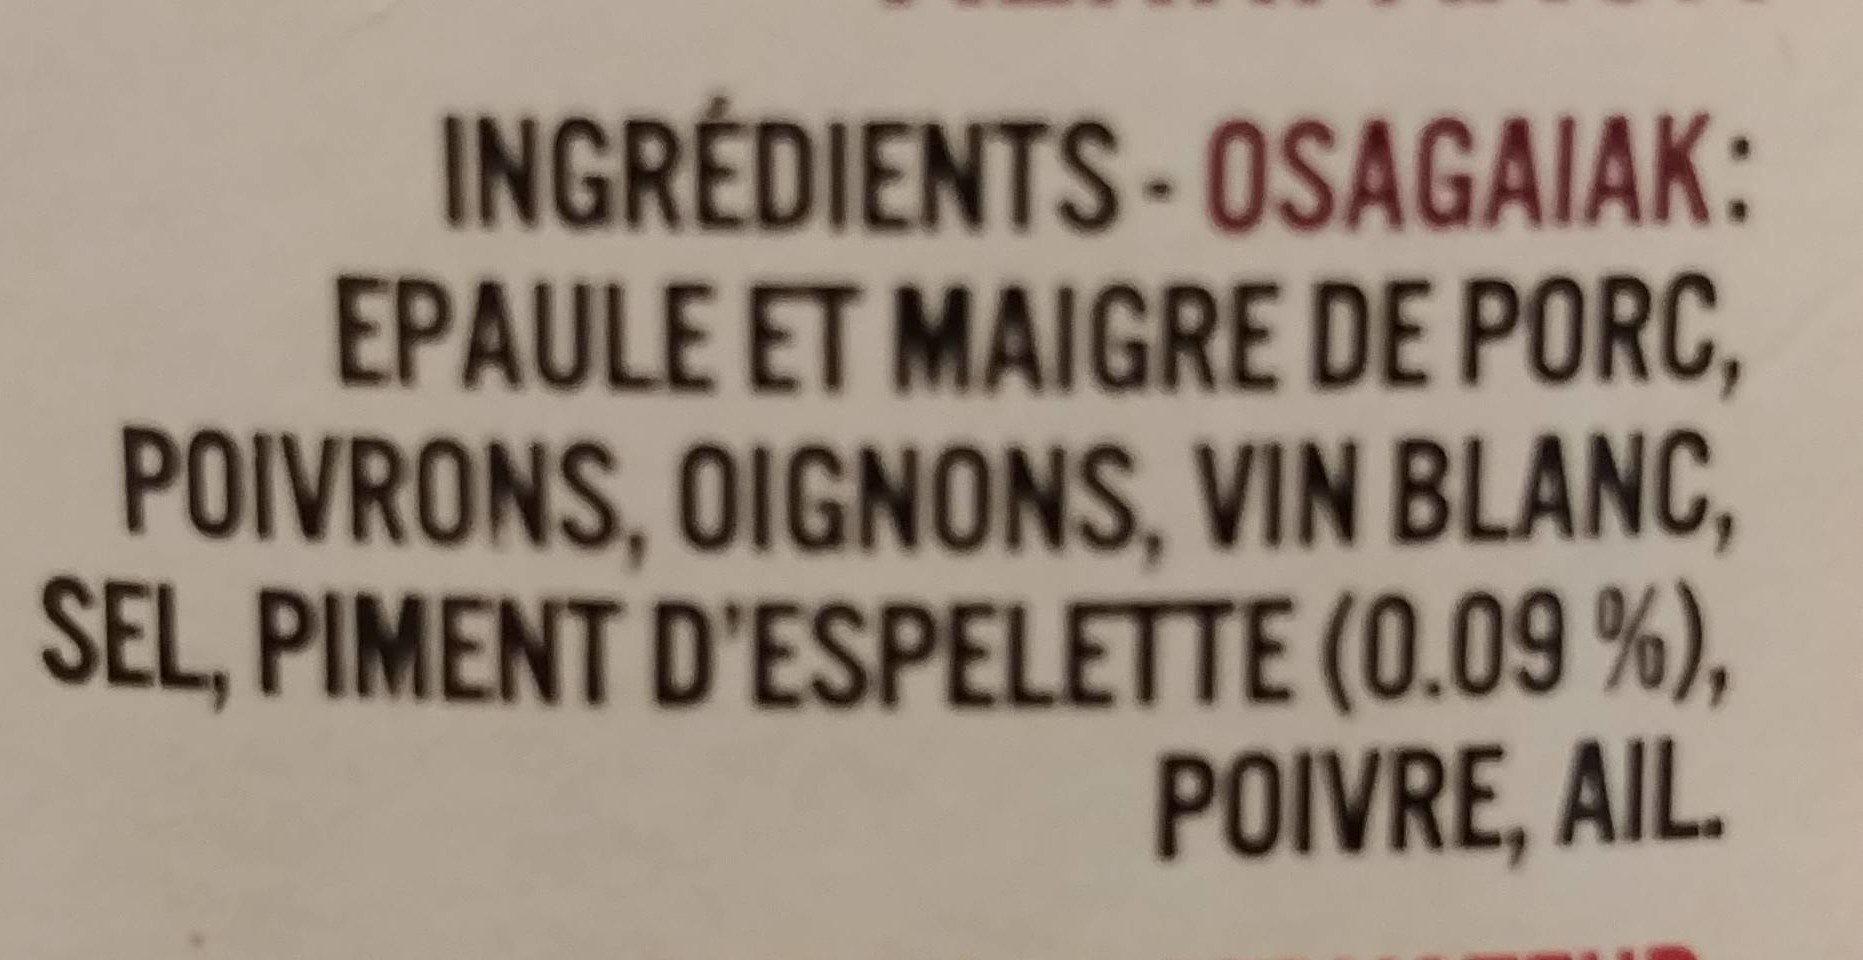 Axoa de porc au piment d'espelette - Ingredients